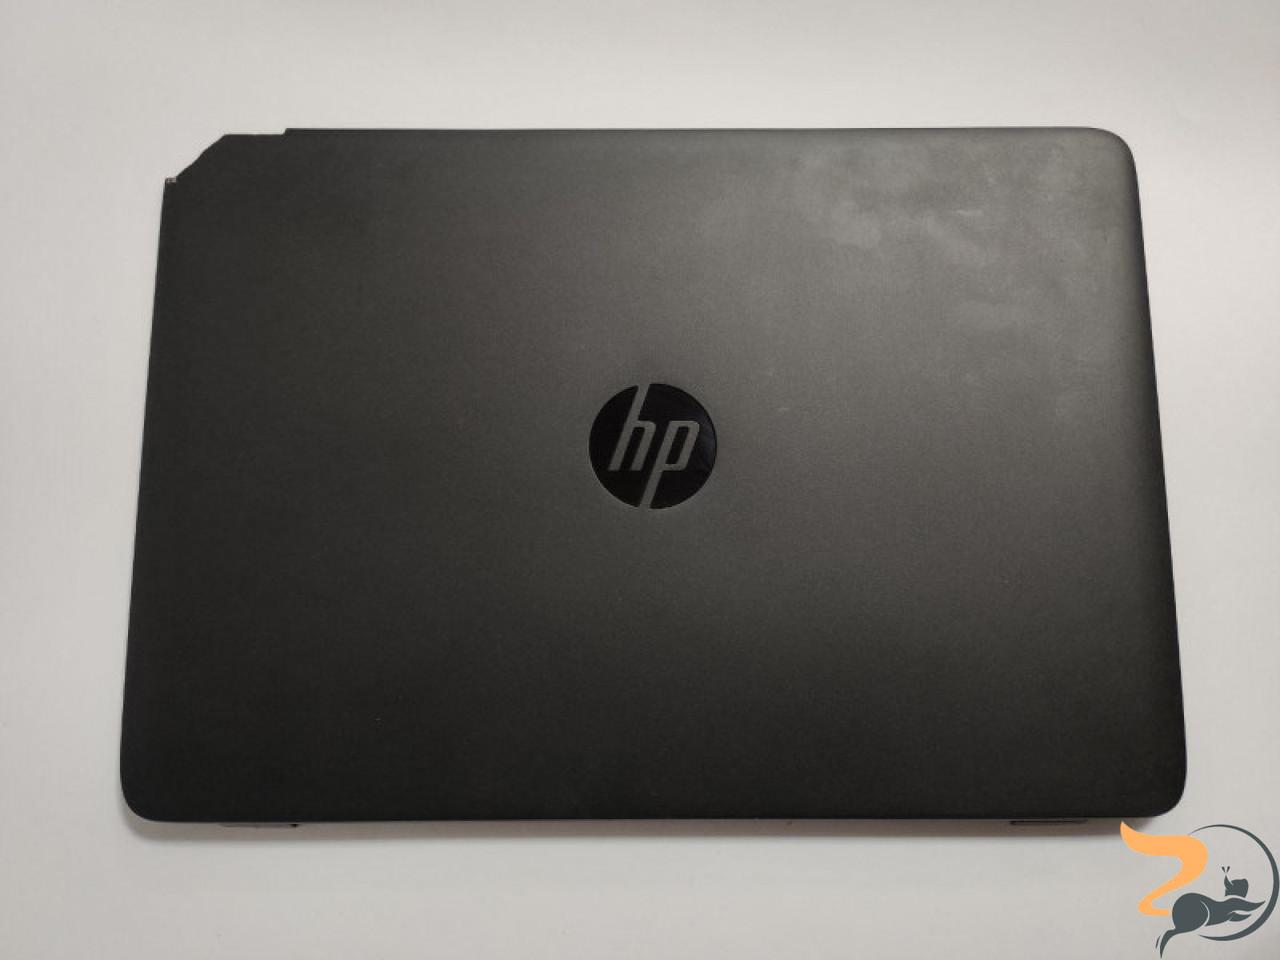 """Кришка матриці для ноутбука HP EliteBook 840 G1, 14.0"""", 6070B0676302, 779682-001, б/в. Кріплення цілі, зламаний правий кут (фото)"""